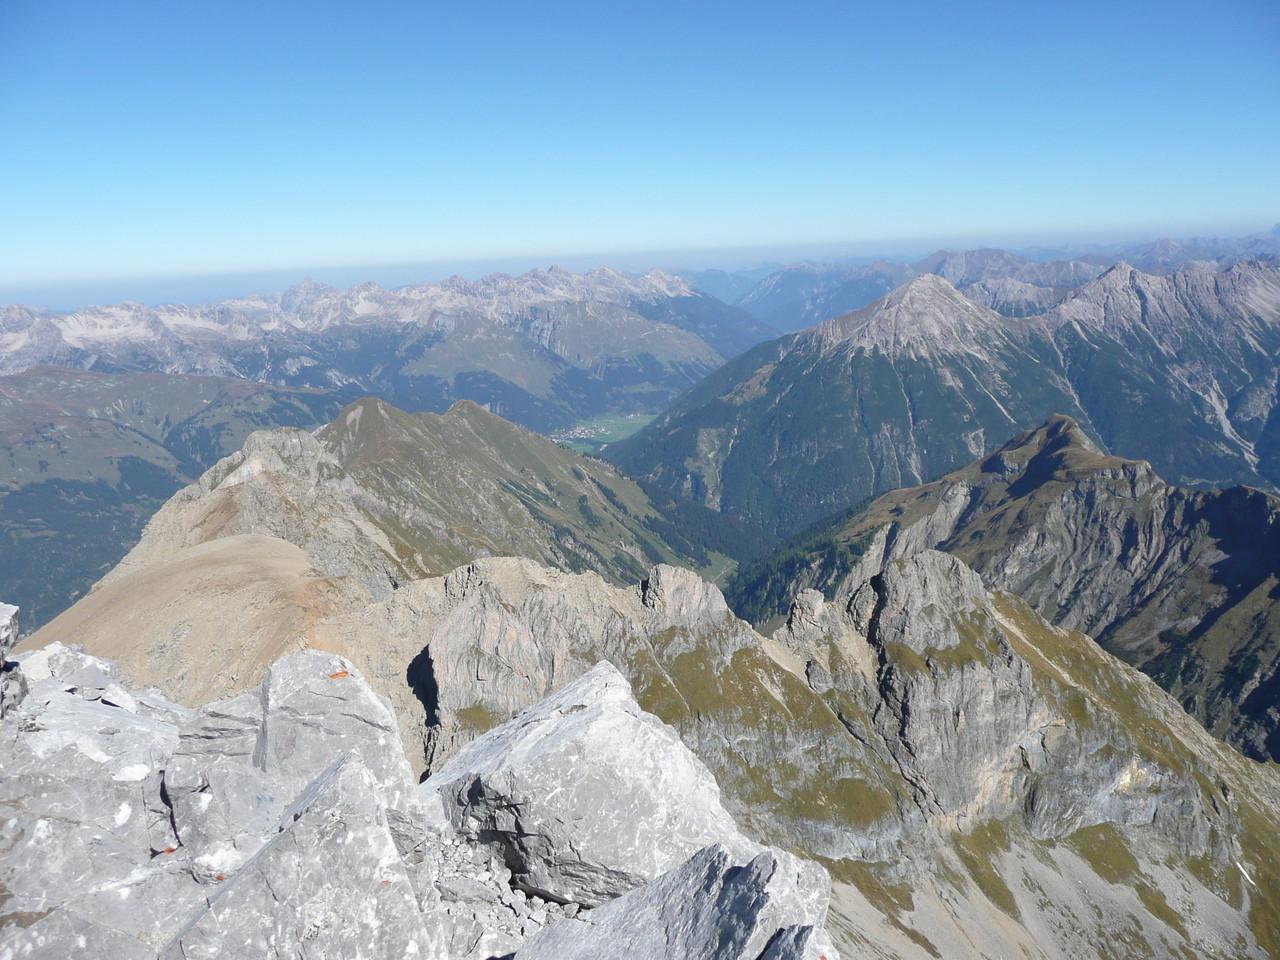 Blick von der Wetterspitze in die Allgäuer Alpen und auf Elbigenalp